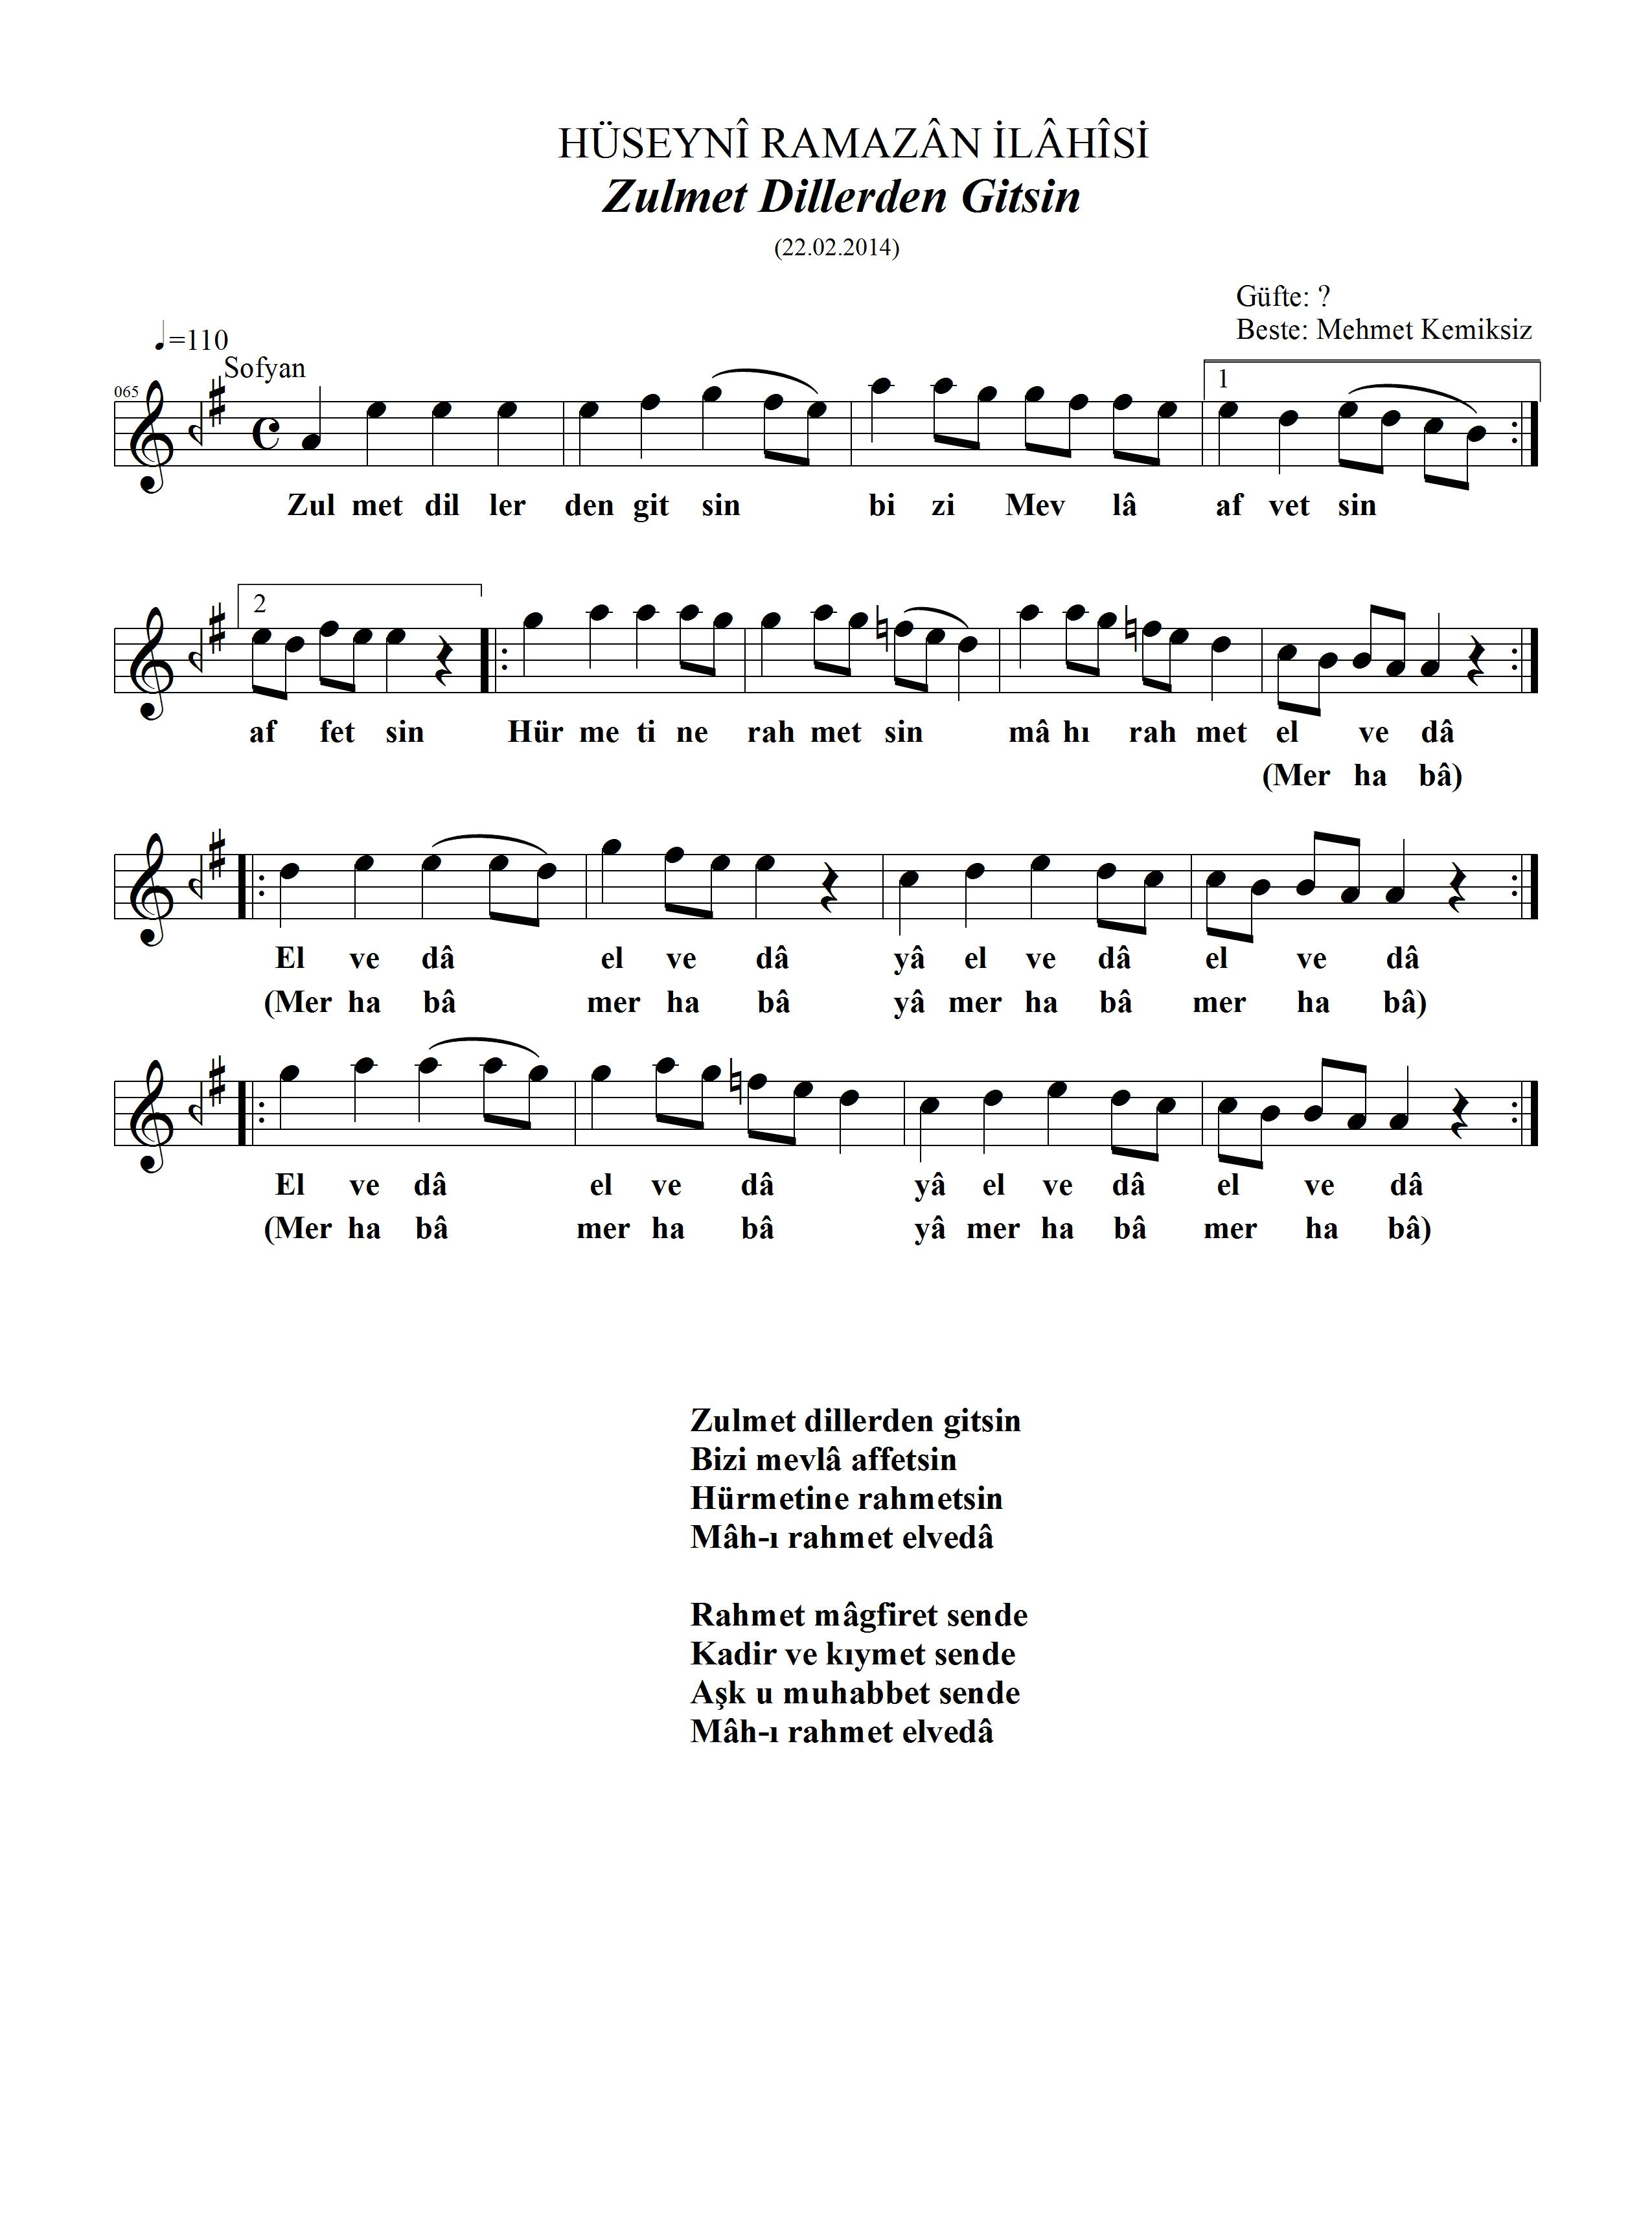 065-Huseyni-Zulmet Dillerden Gitsin